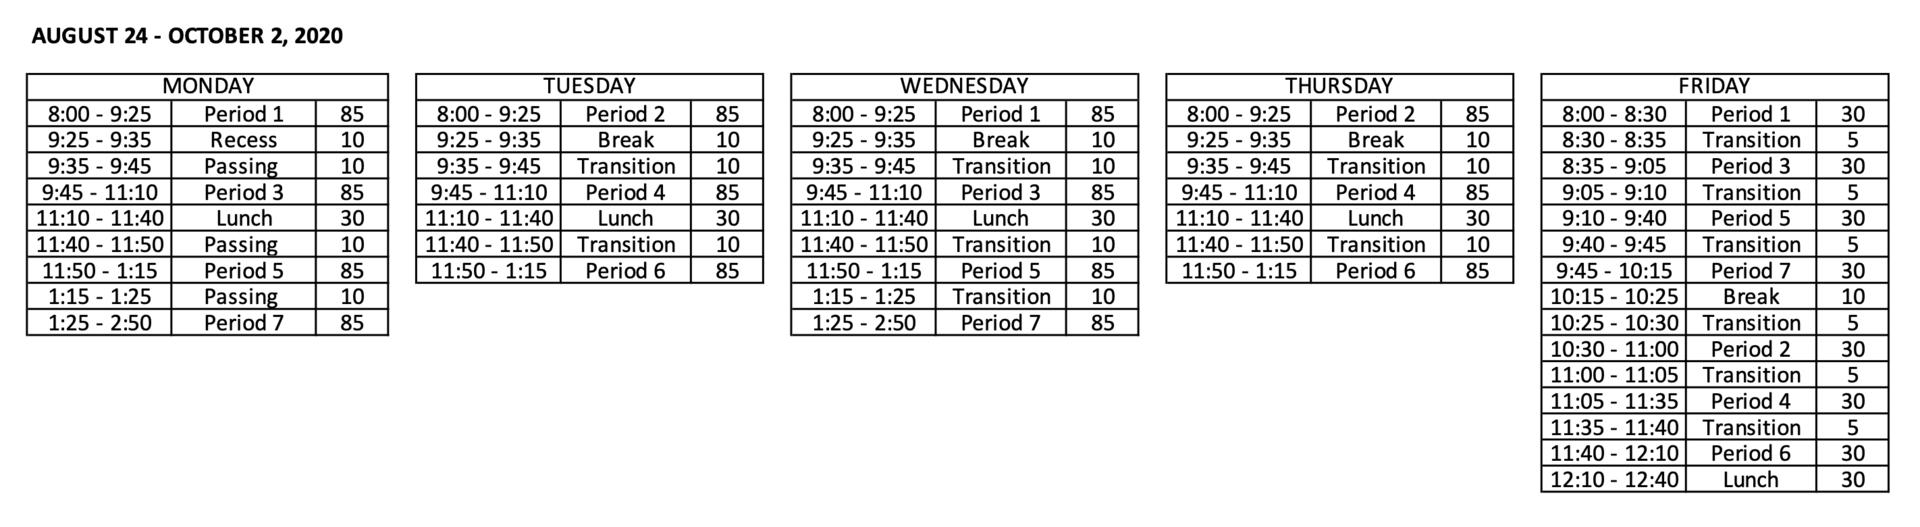 Bell Schedule till 3/12/2021